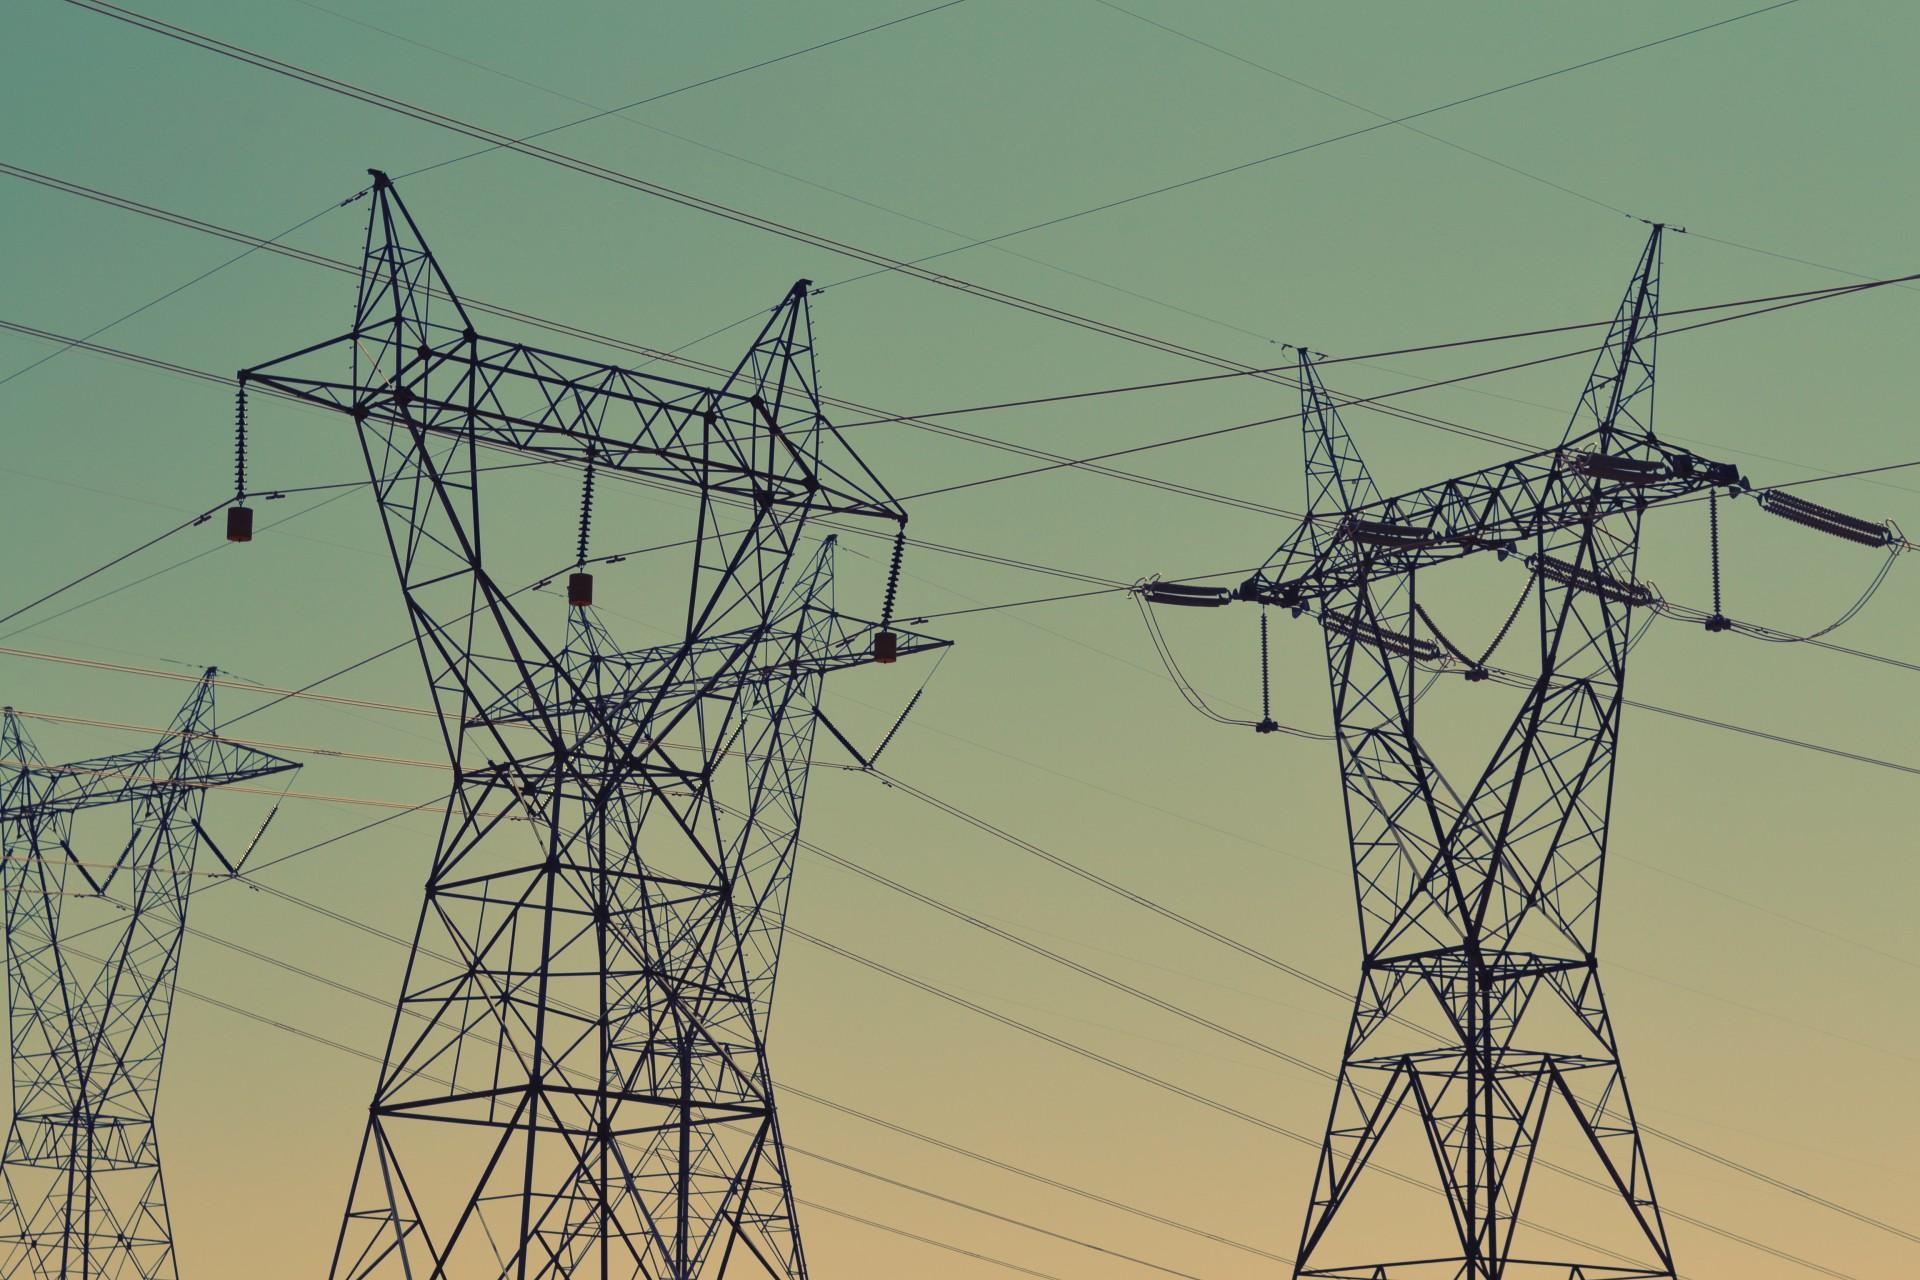 Die elektrische Speicherheizung gilt als wesentlich sicherer als andere Heizsysteme. Als nachteilig erweisen sich jedoch die teilweise hohen Betriebskosten.